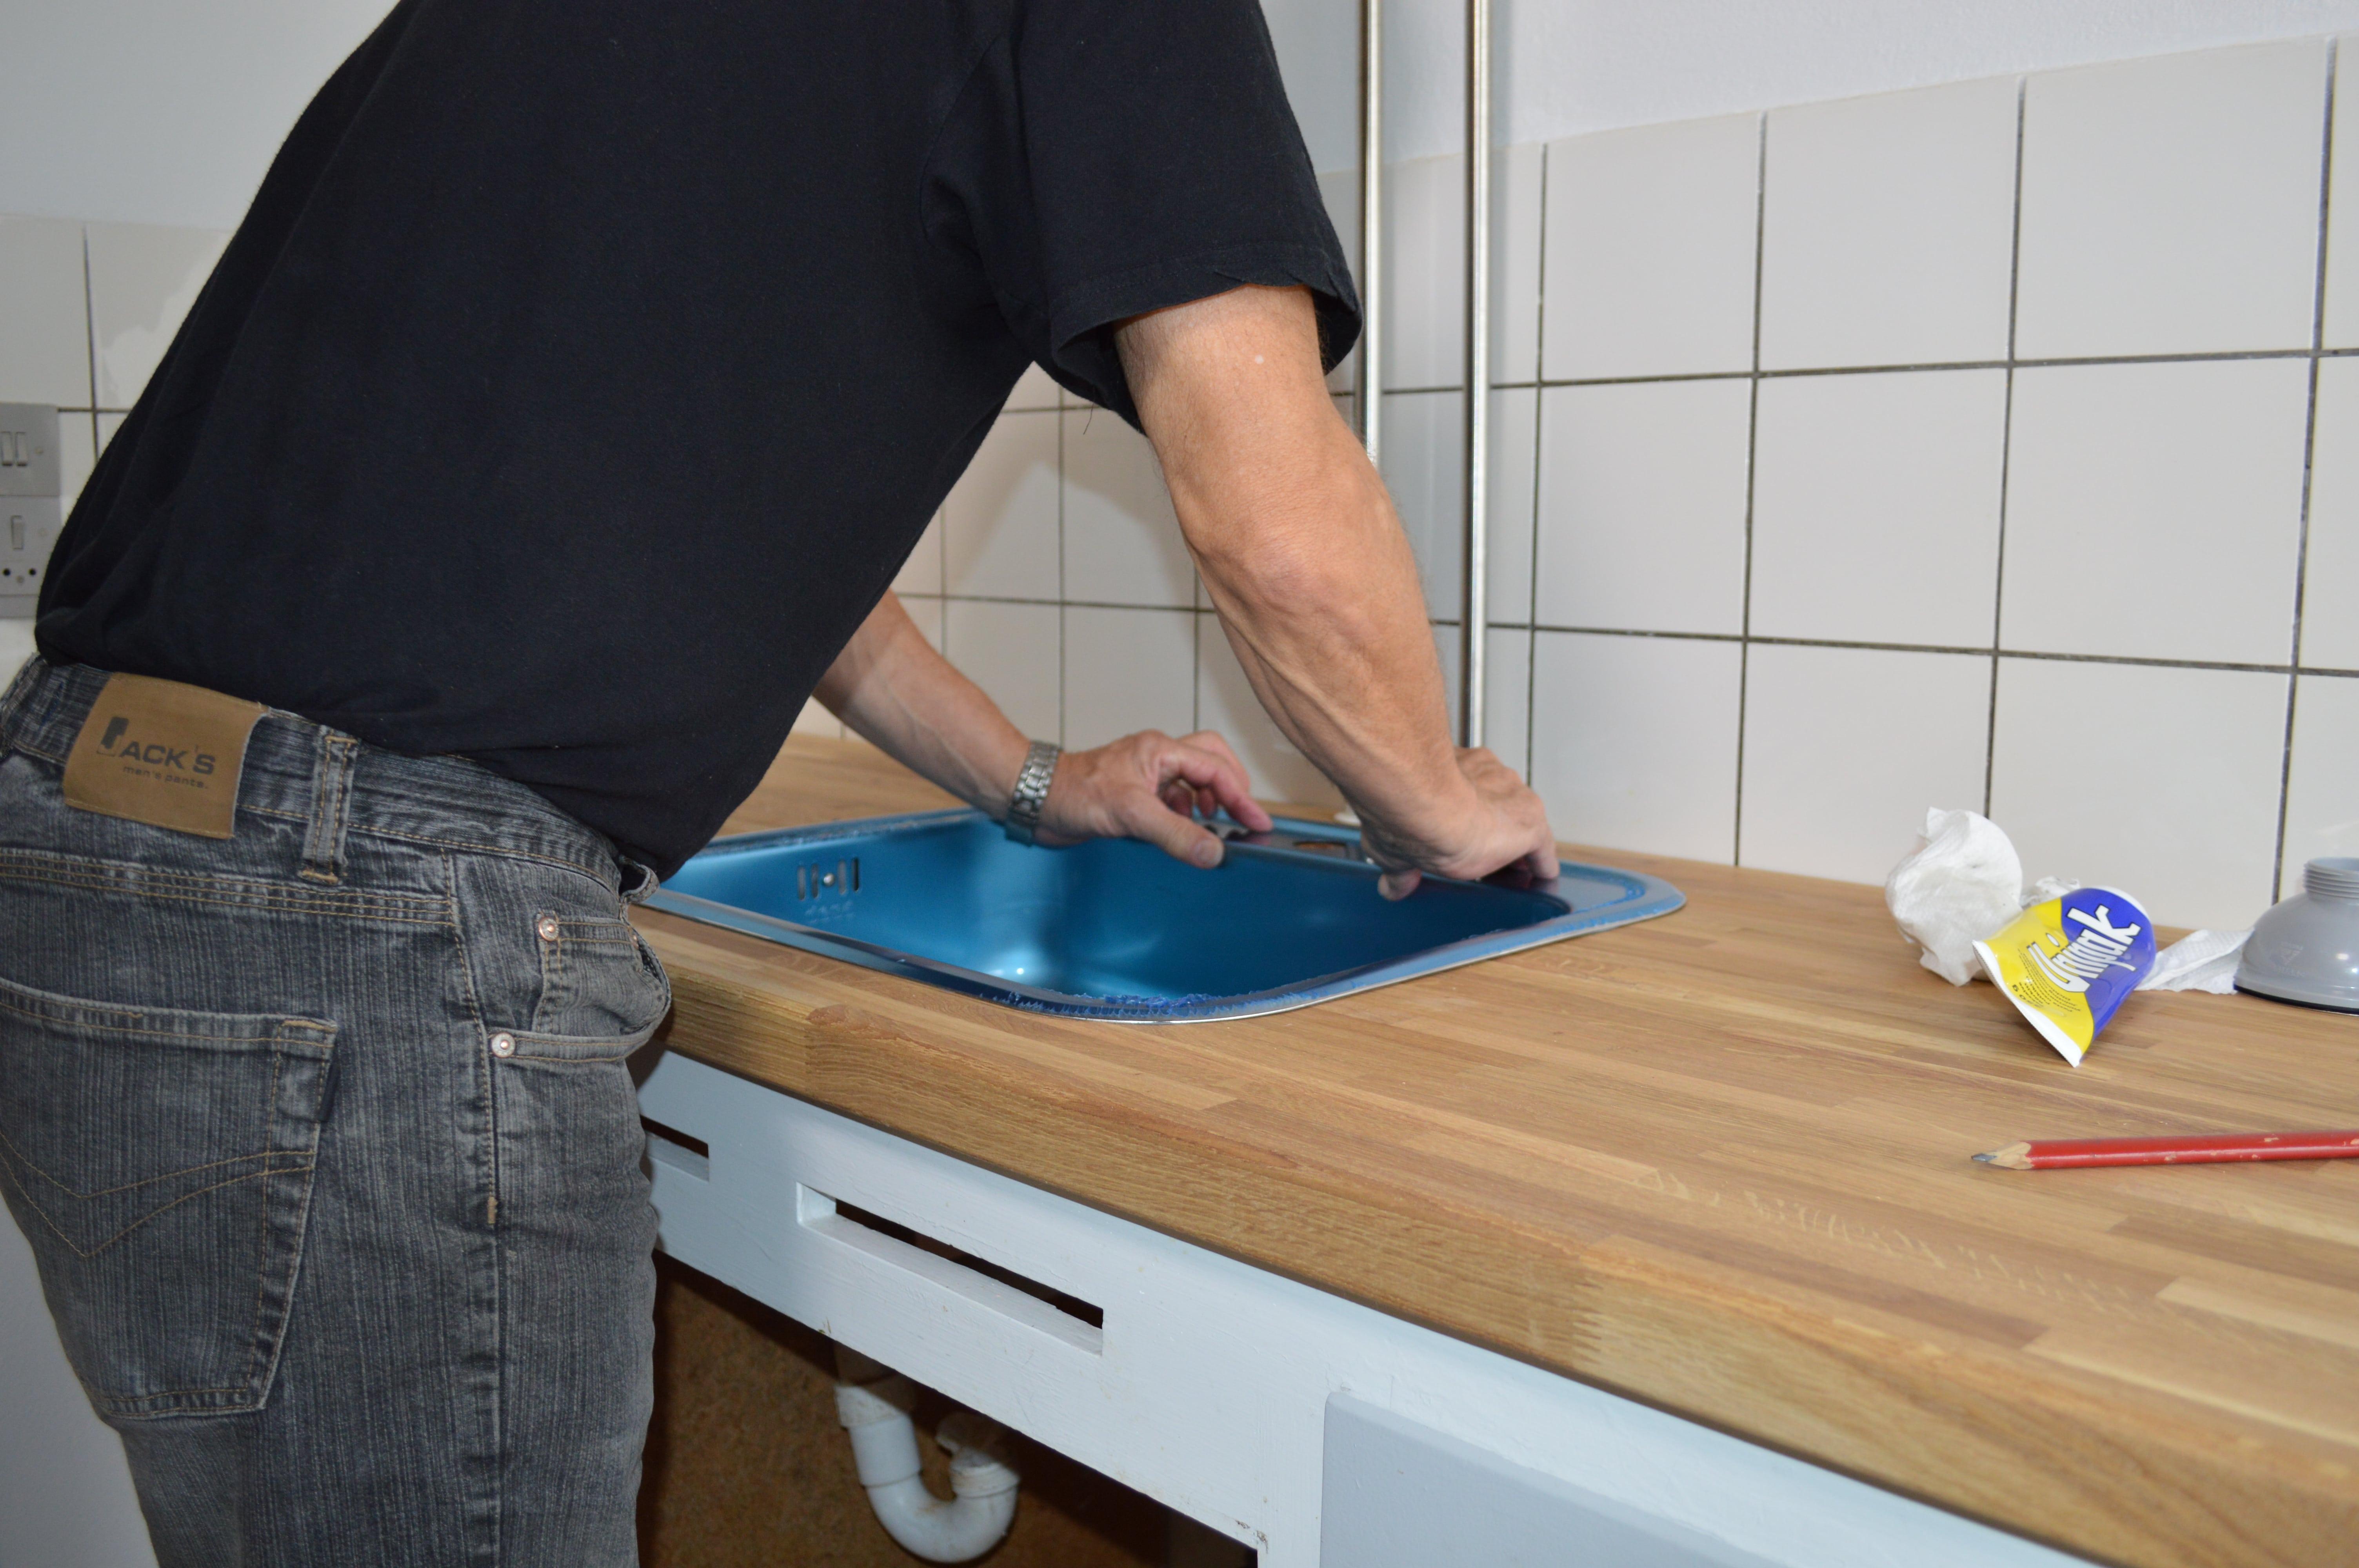 Sæt vasken ned i hullet og tryk den godt fast